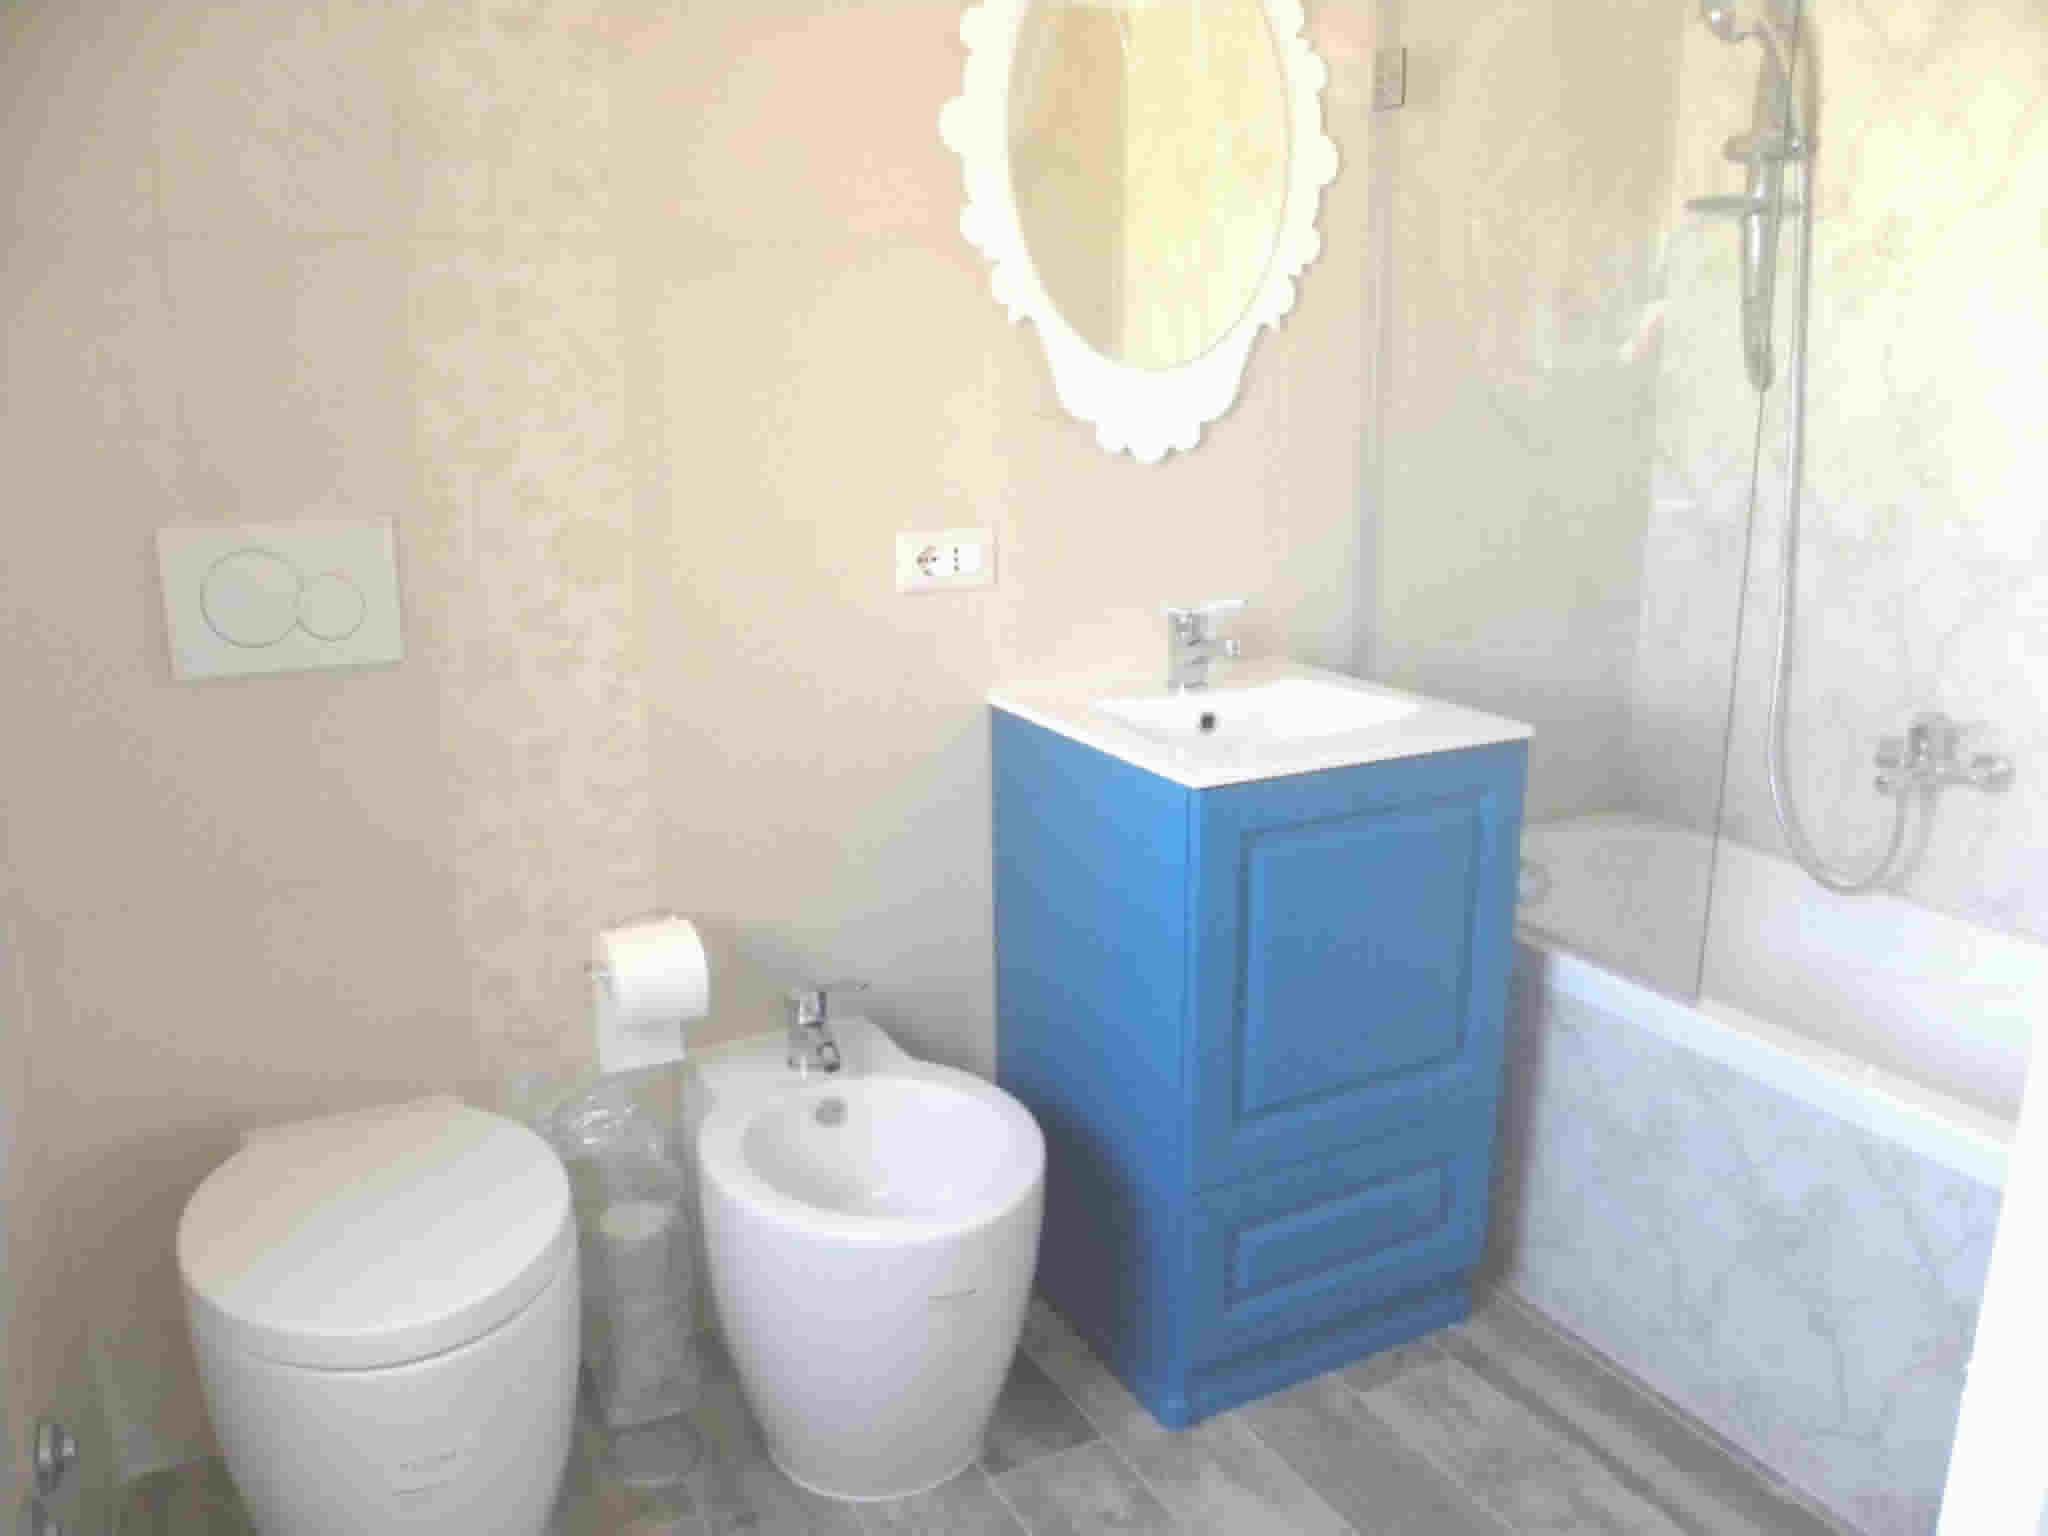 Ristrutturazione Completa Casa Costi quanto costa ristrutturare appartamento al mq roma?